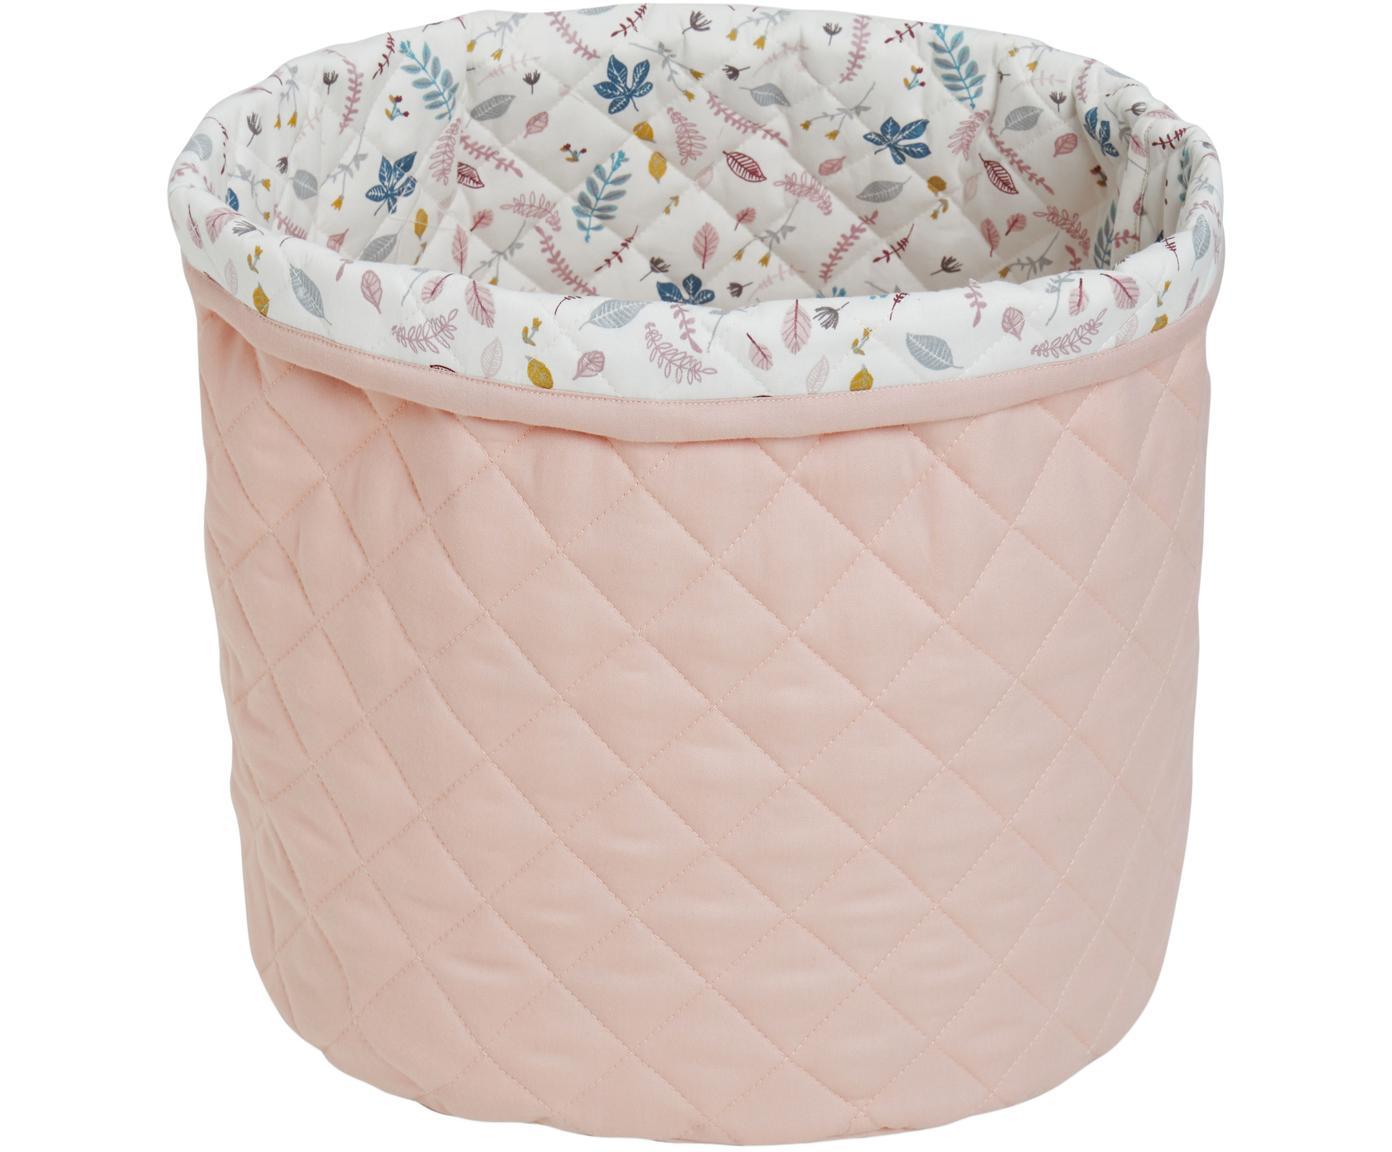 Cesta in cotone organico Pressed Leaves, Rivestimento: cotone organico, Esterno: rosa interno: crema, rosa, blu, grigio, Ø 30 x Alt. 33 cm